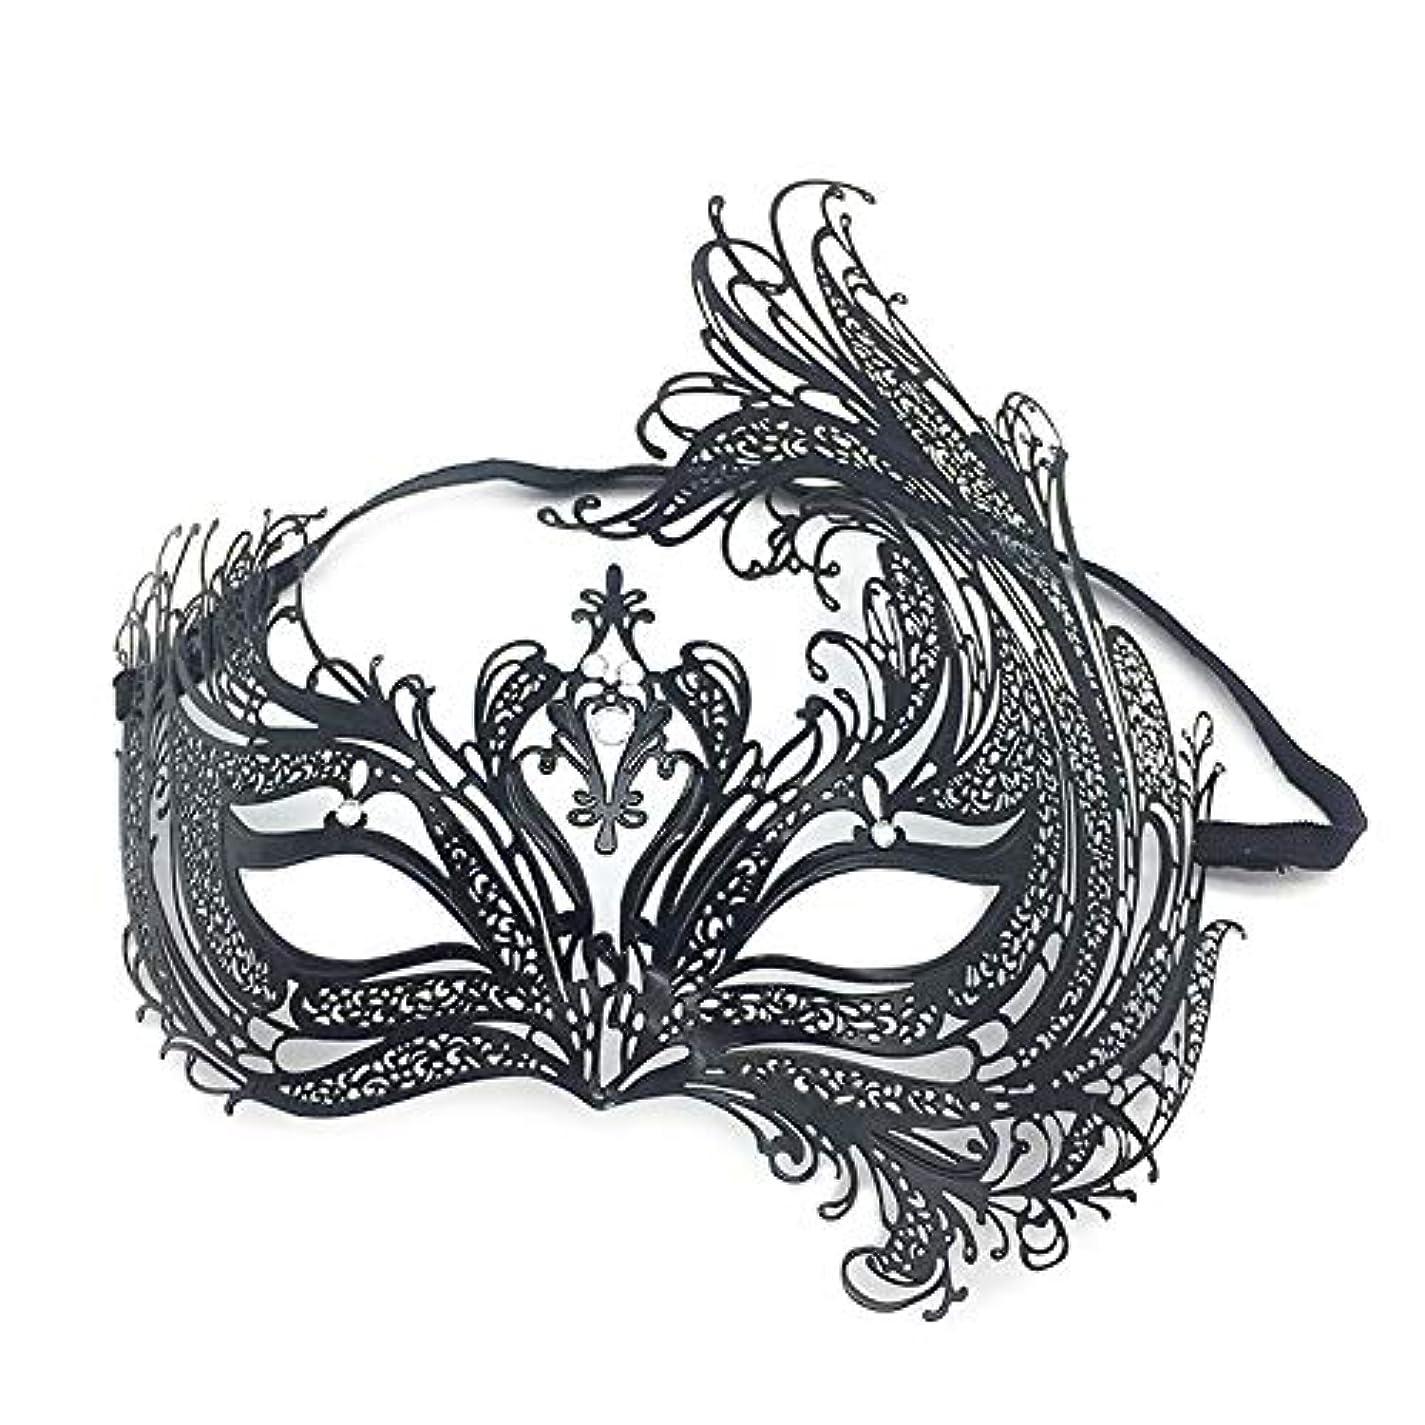 ハンドブック政権パレードハロウィンマスクメタルダイヤモンドマスカレードマスクパーティーブラックセクシーなハーフフェイスフェニックスマスク